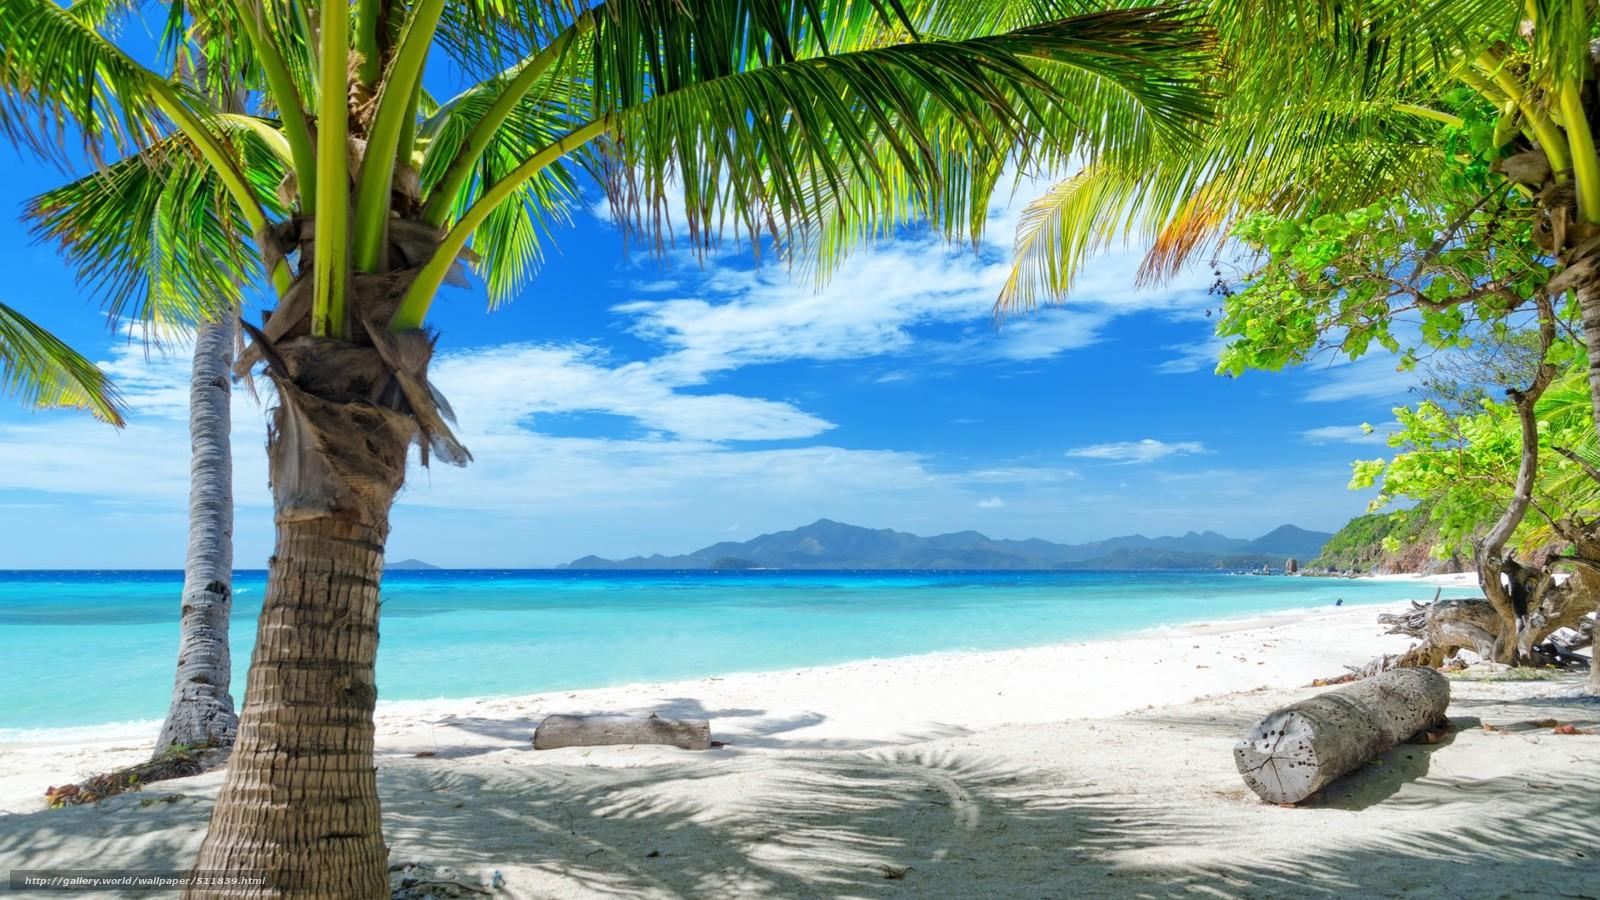 Scaricare Gli Sfondi Tropici Spiaggia Palma Sfondi Gratis Per La